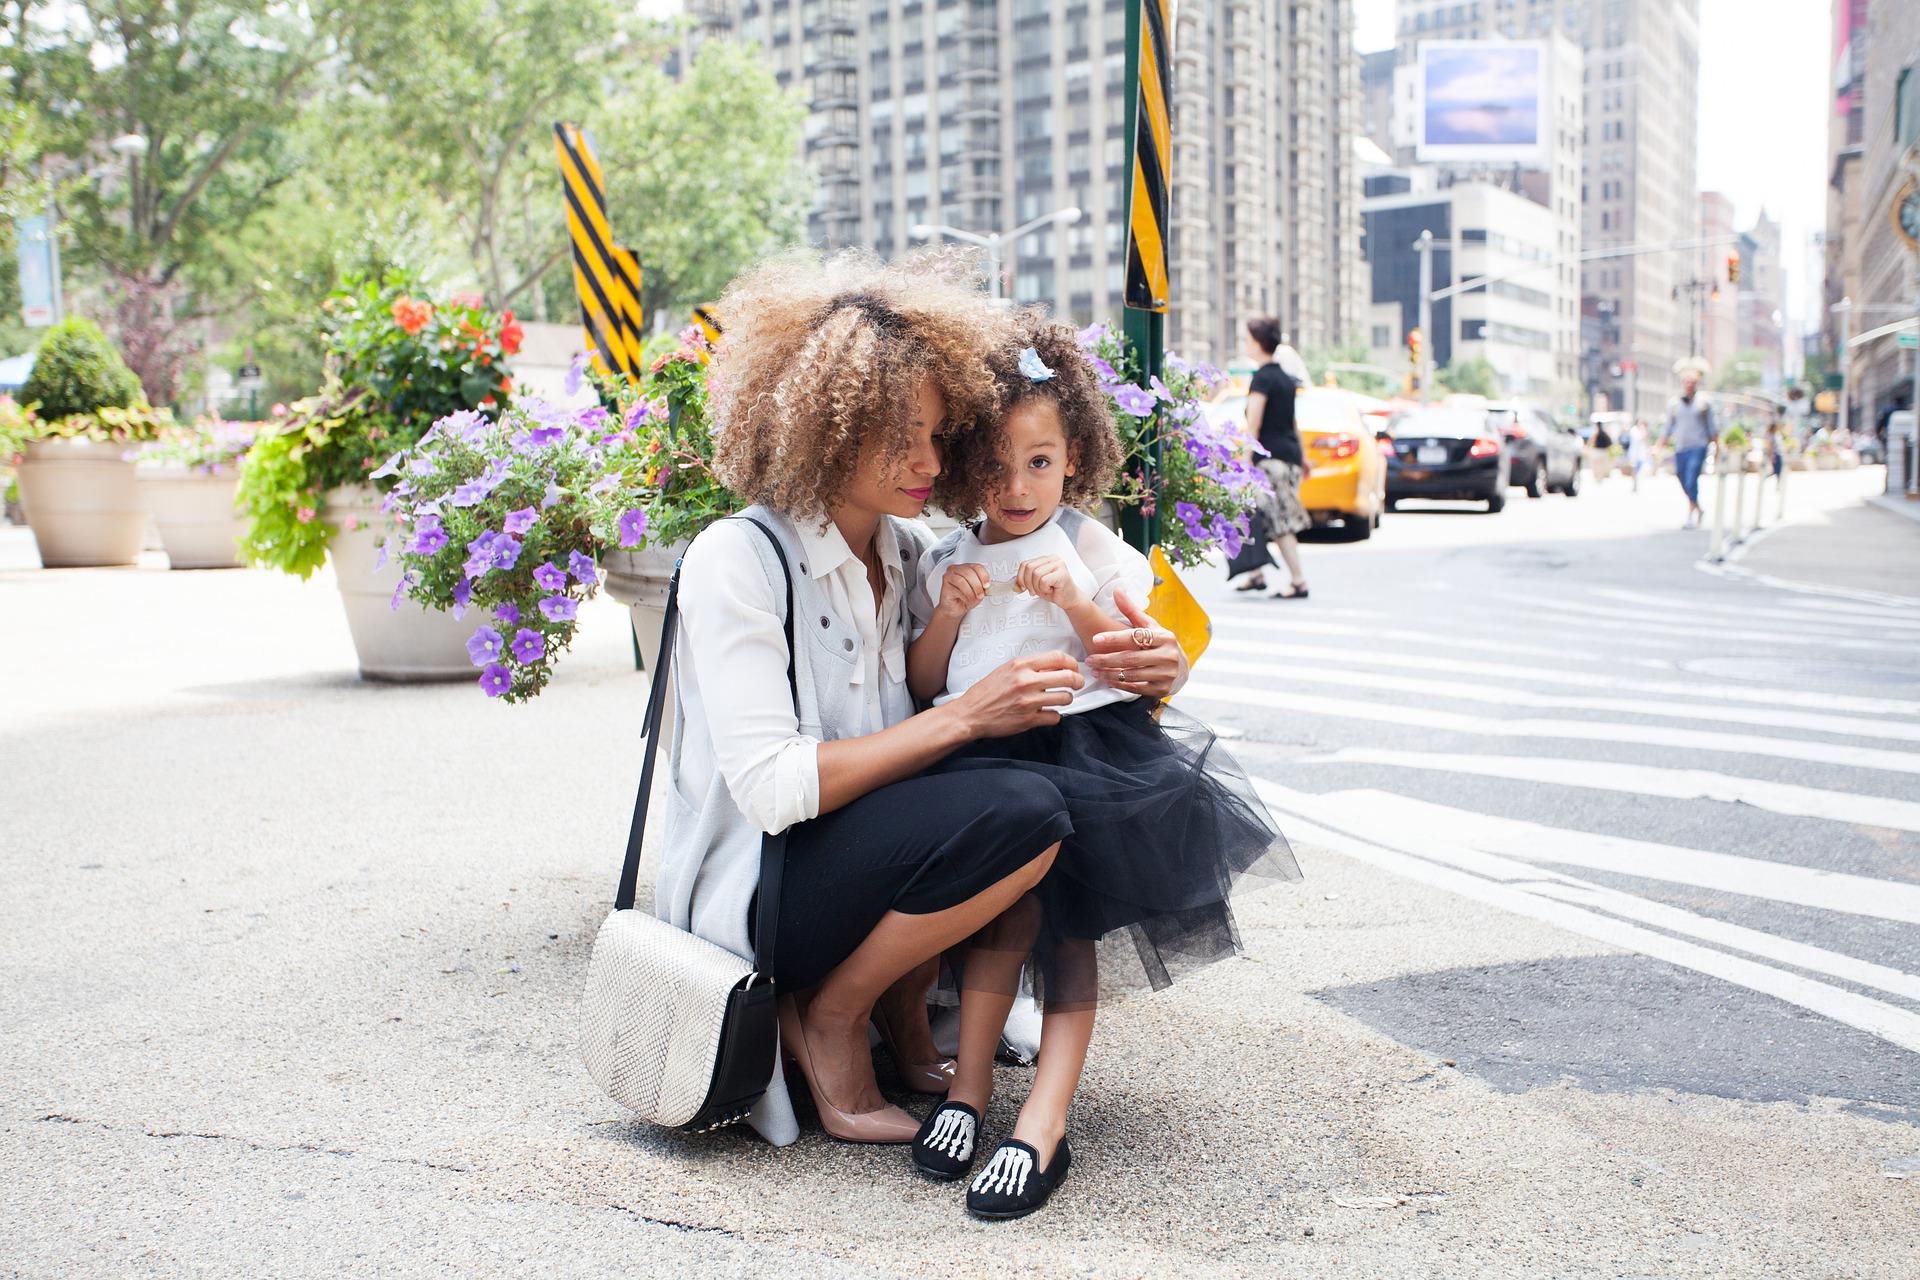 Quel cadeau cool et pas cher pour faire plaisir à une jeune maman?